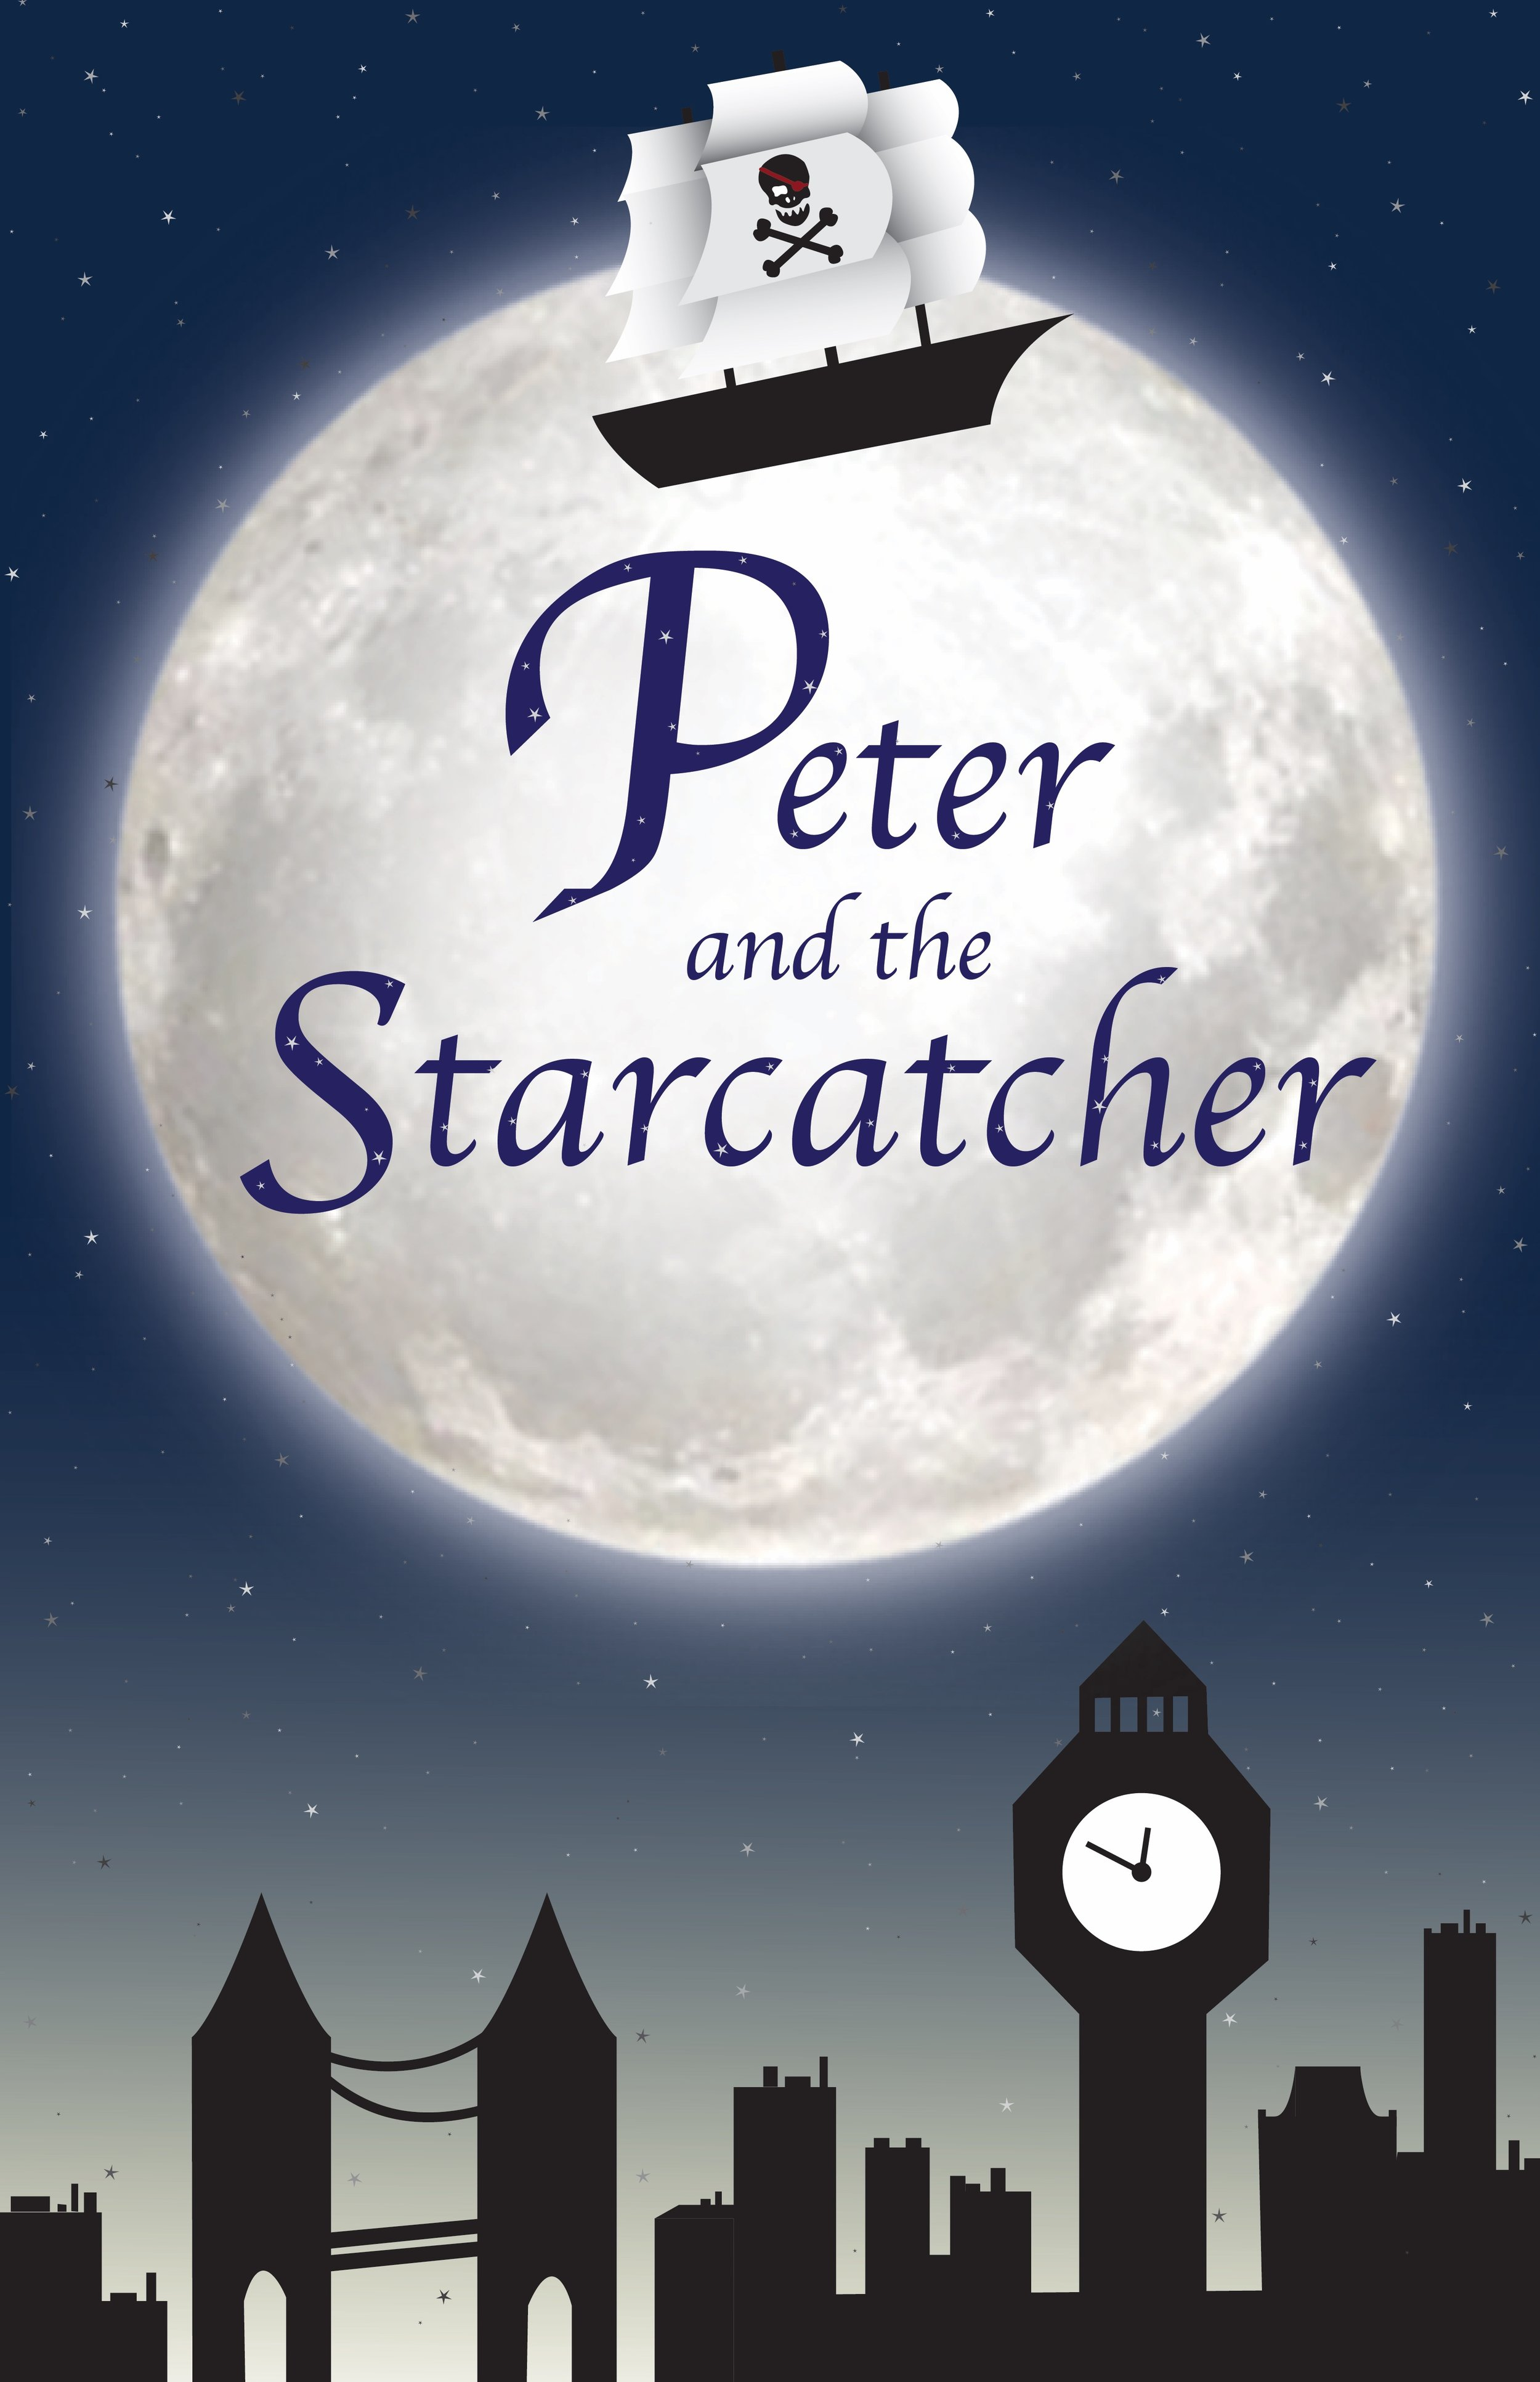 PeterAndTheStarcatcher.SMALL.jpg